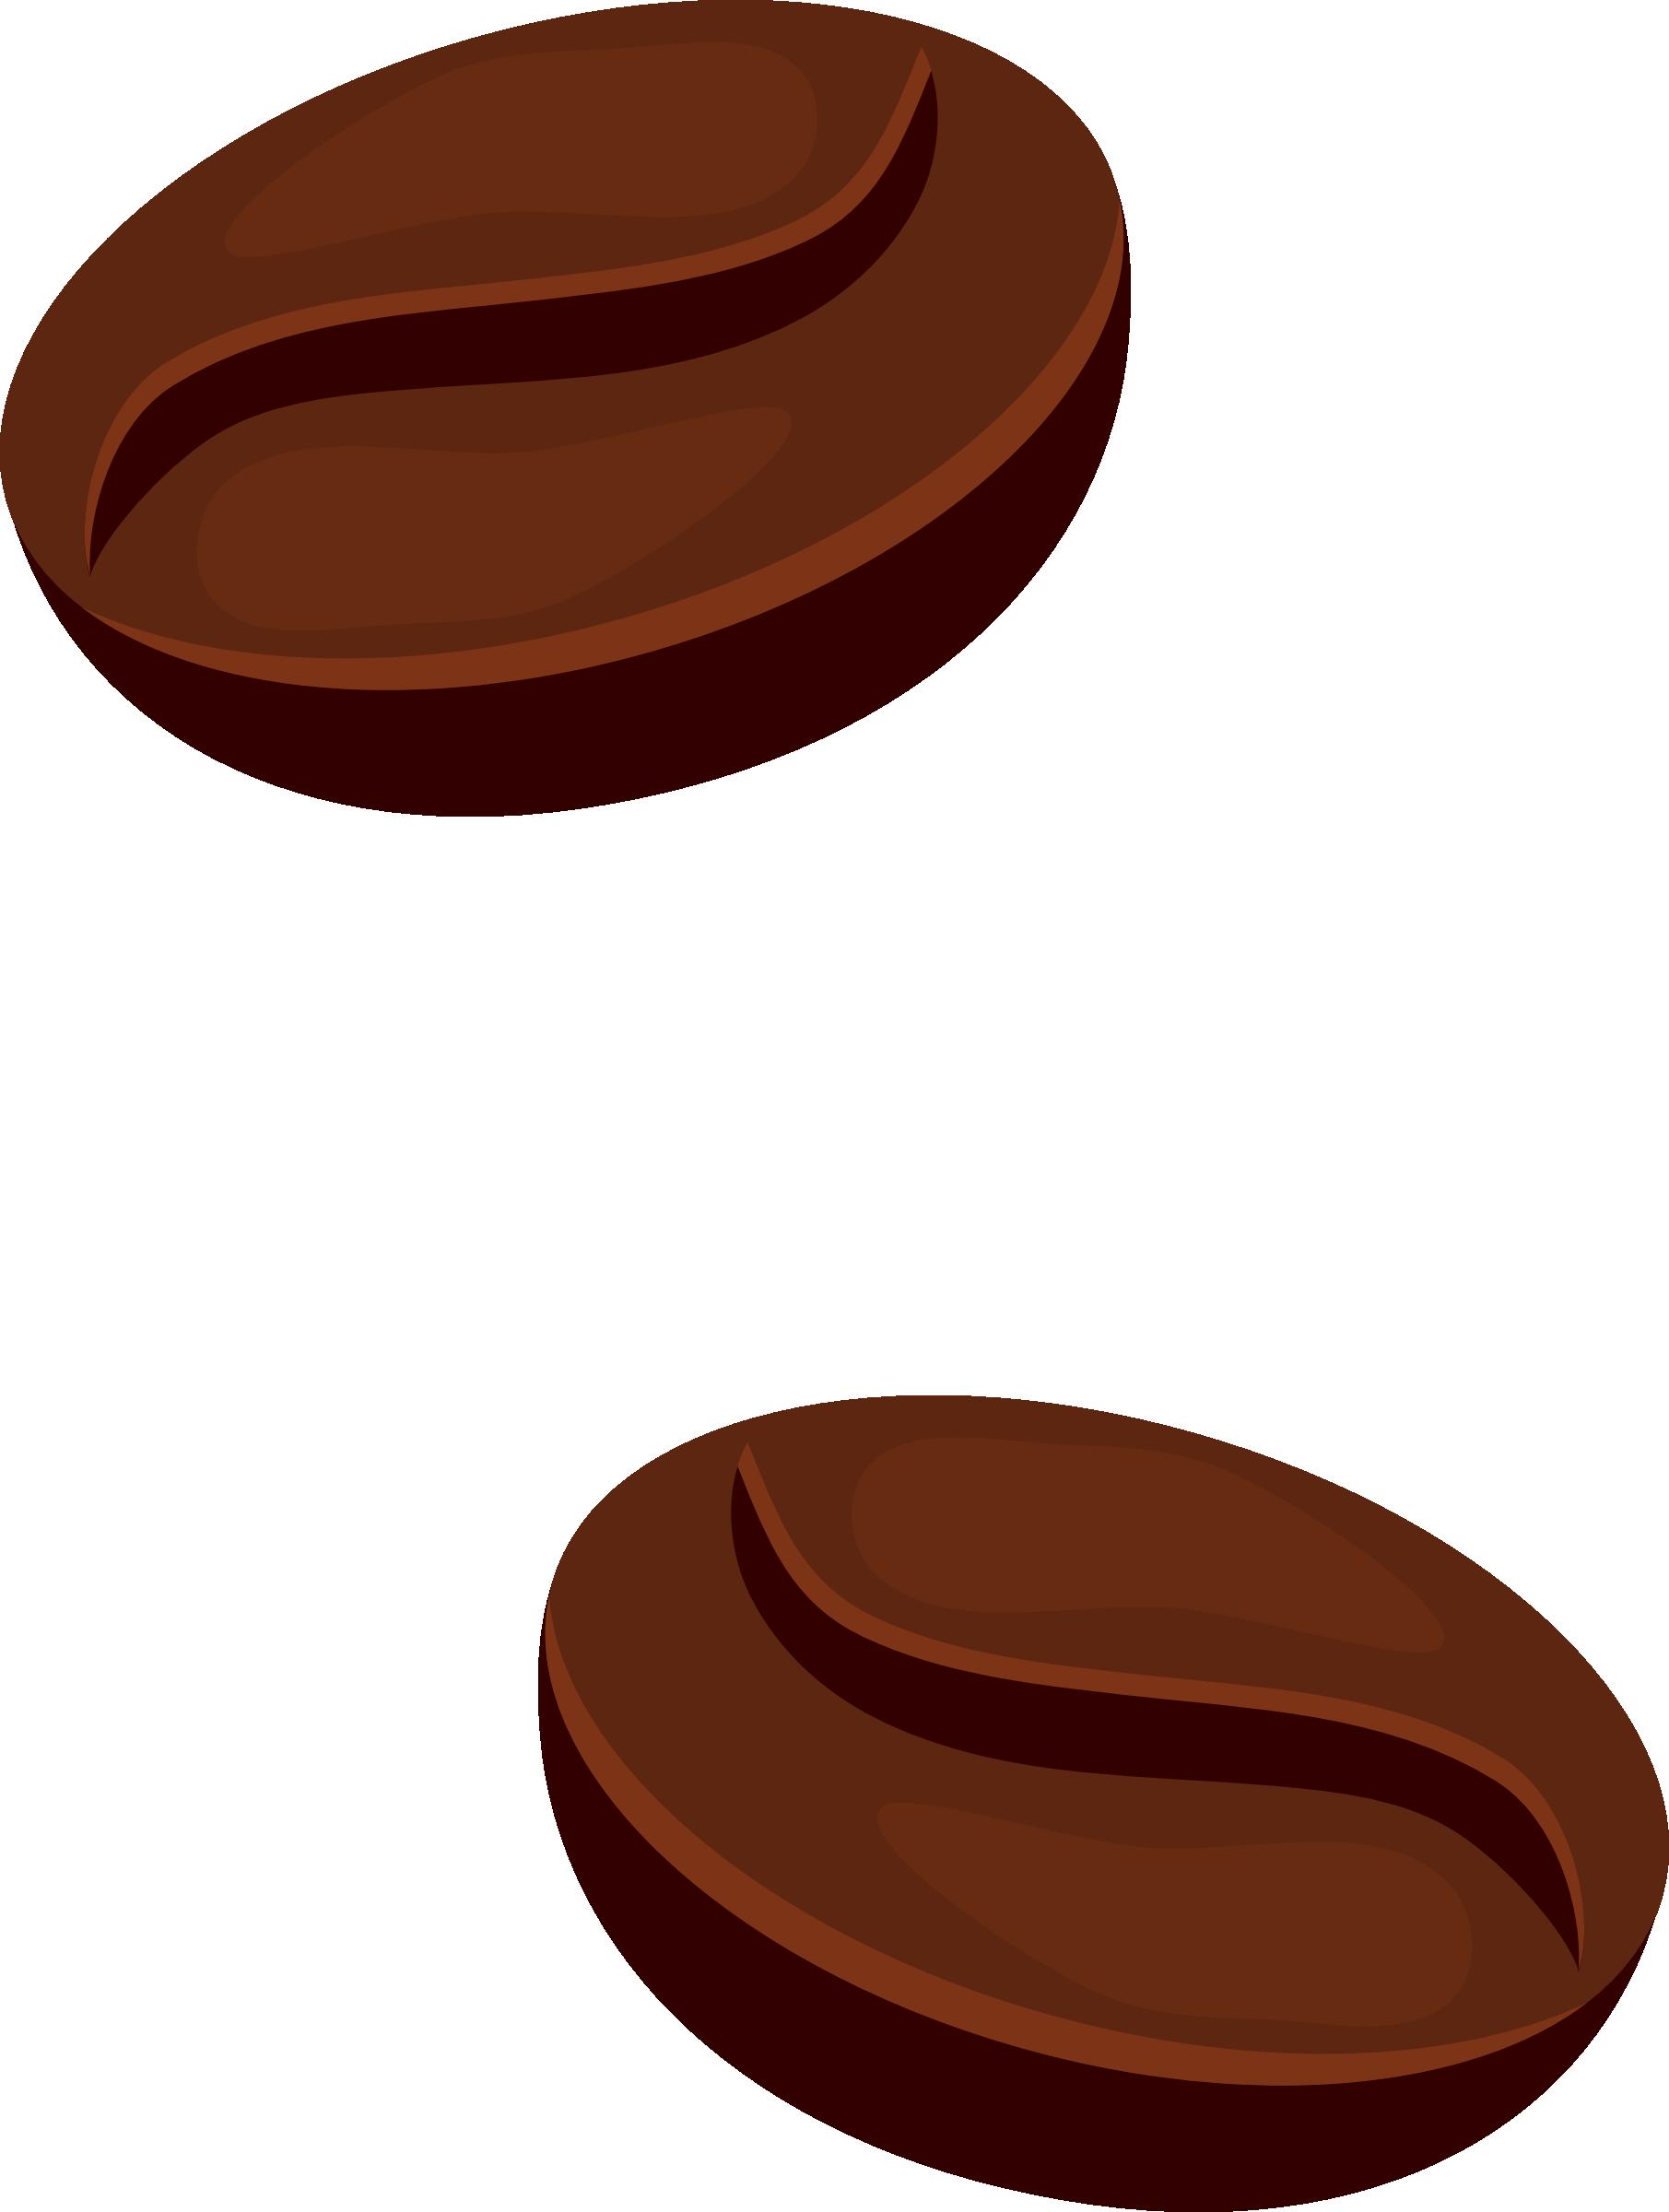 Bean clipart cofee Clipart Free coffee%20beans%20clipart Clipart Panda